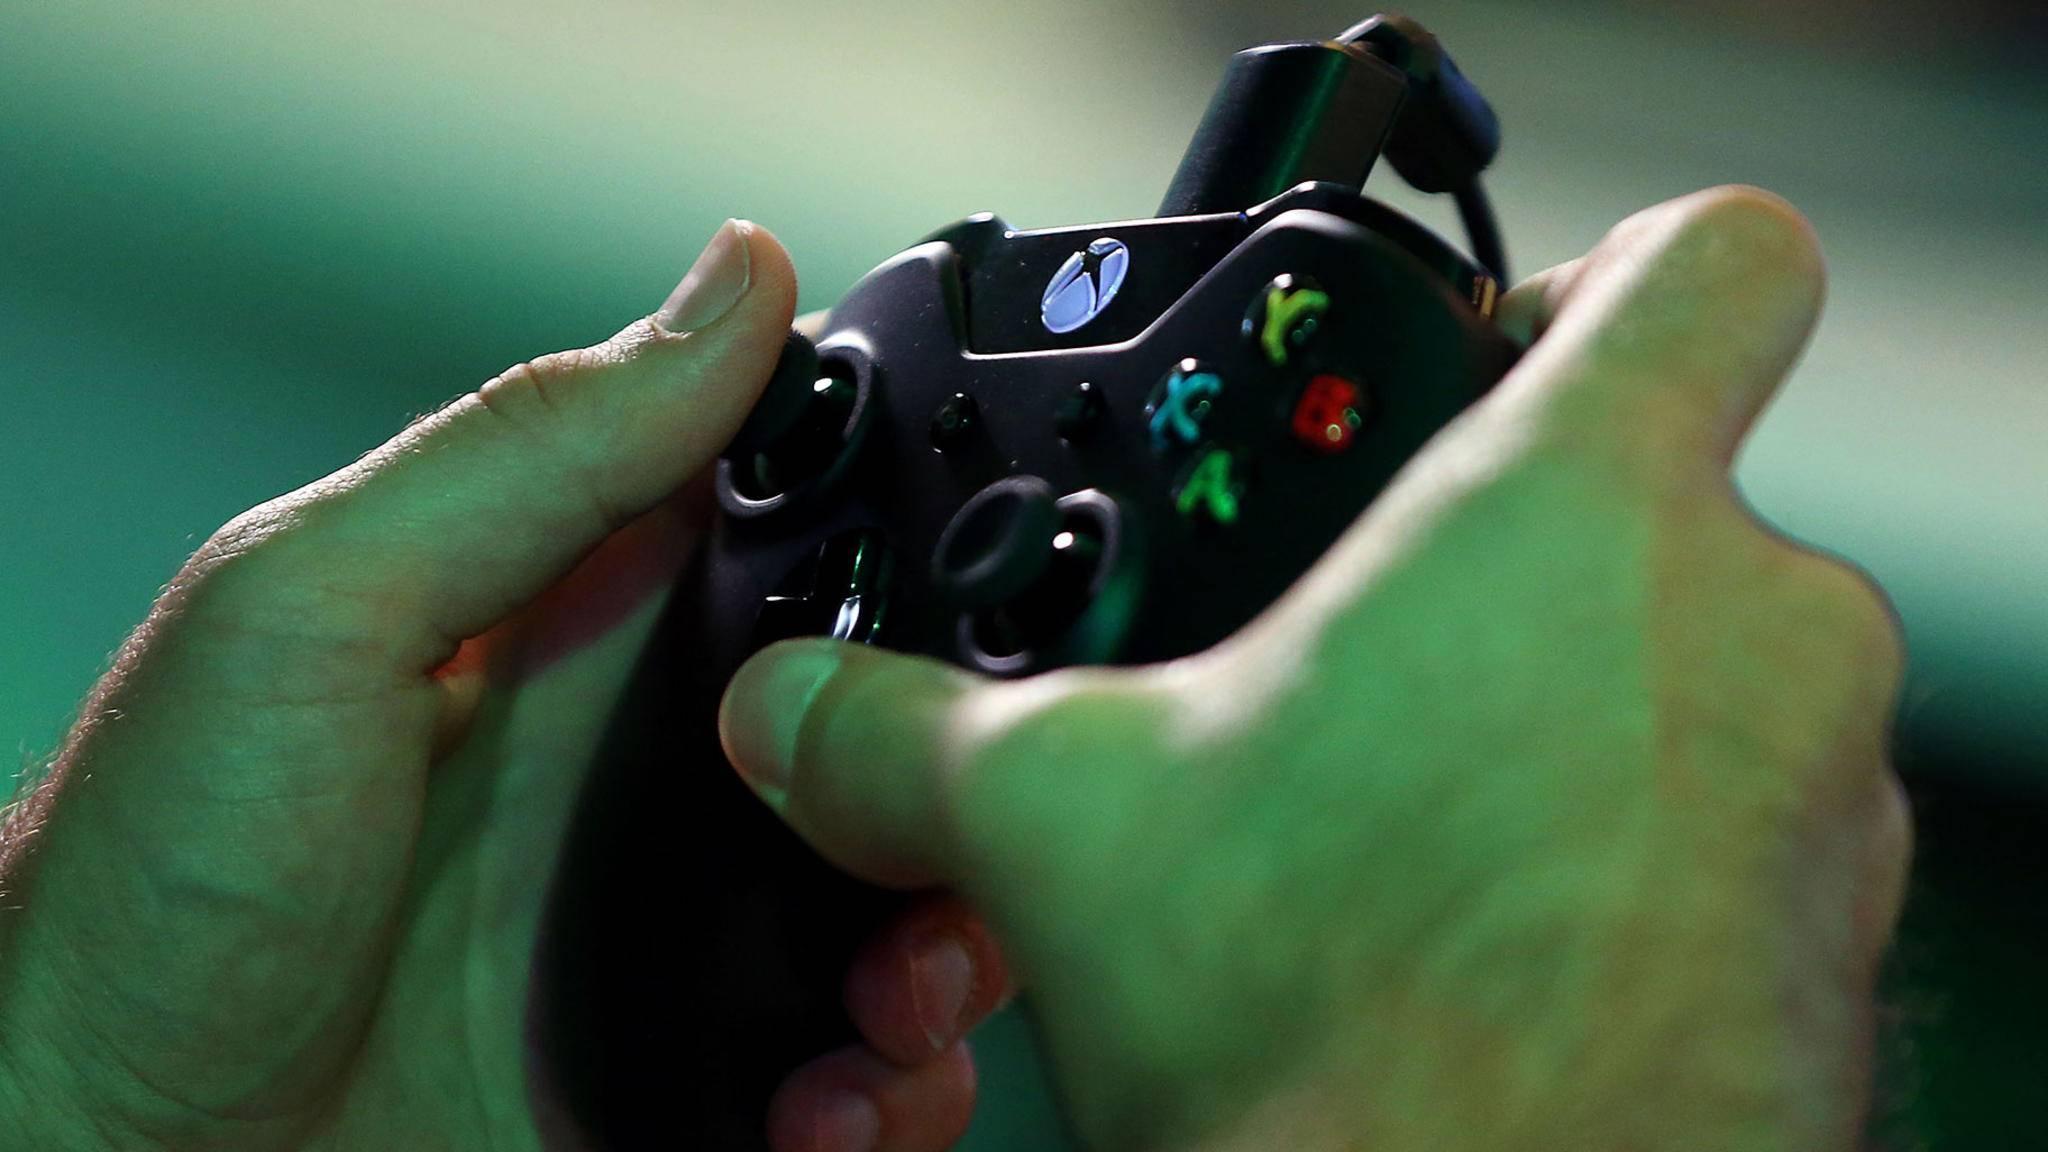 Exklusivtitel sind nicht unbedingt eine Stärke der Xbox One – und einige Games sind in den letzten Jahren auch noch vorzeitig eingestellt worden.